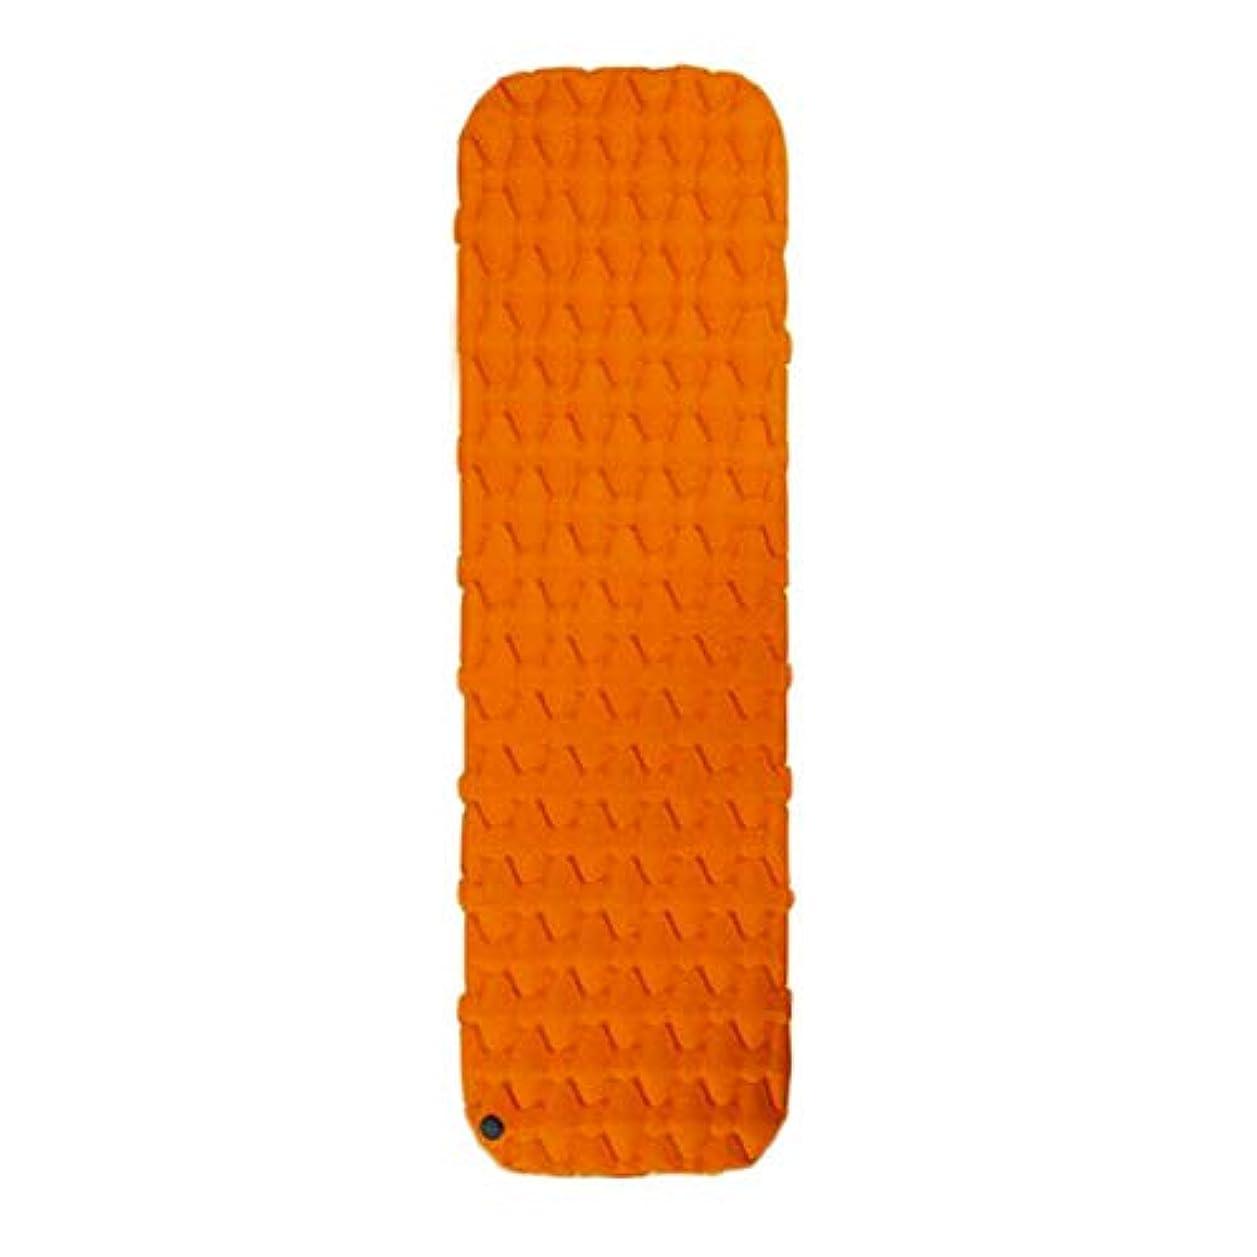 複雑懸念押すProfeel 寝袋マットレスキャンプバックパッキングハイキング用の超軽量インフレータブルコンパクト